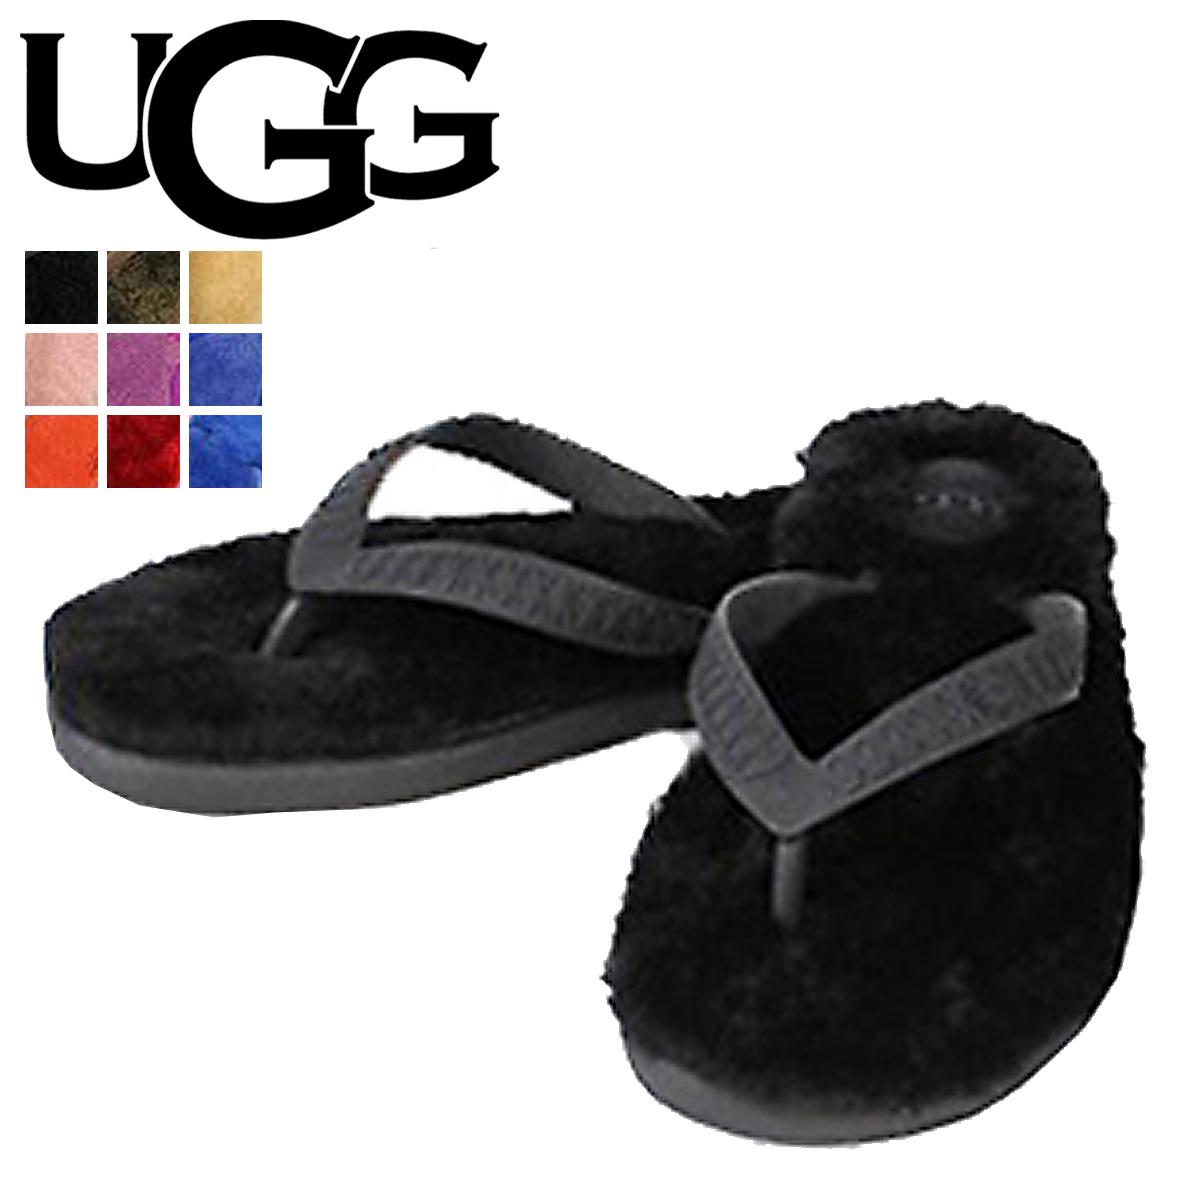 Whats up Sports | Rakuten Global Market: UGG UGG fluffy flip flop Beach Sandals Mouton WOMENS FLUFFIE 1684 1007582 Sheepskin ladies